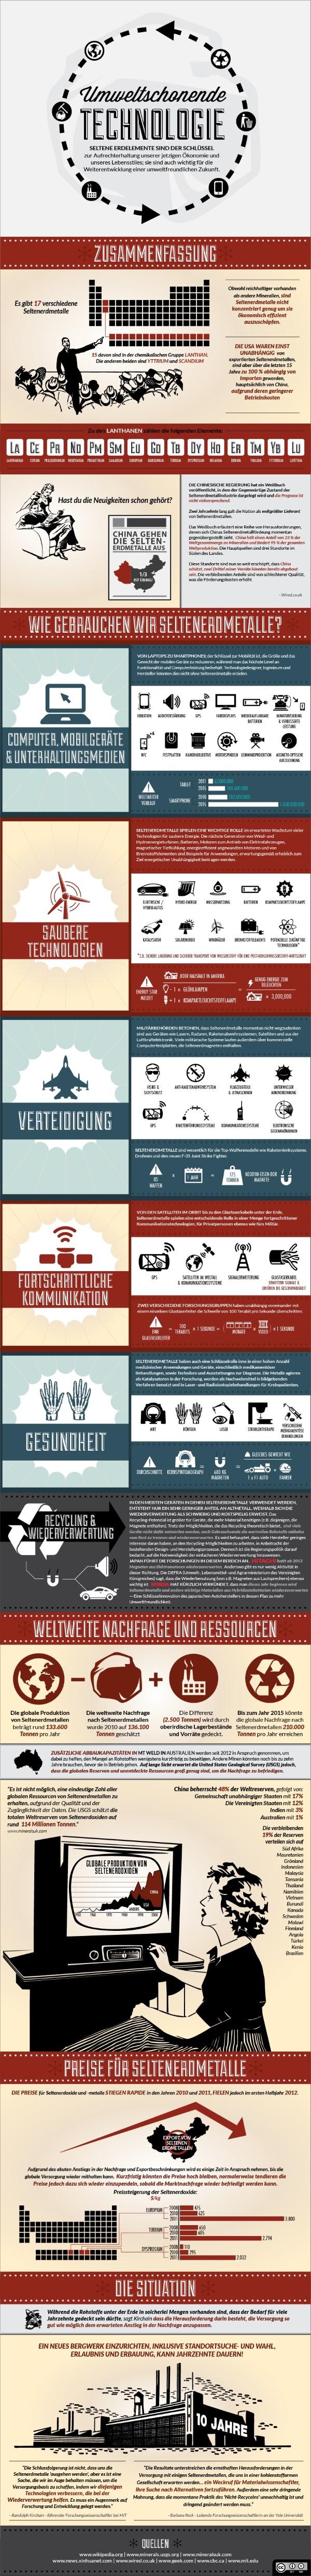 Umweltschonende Technologie mit Erdmetallen